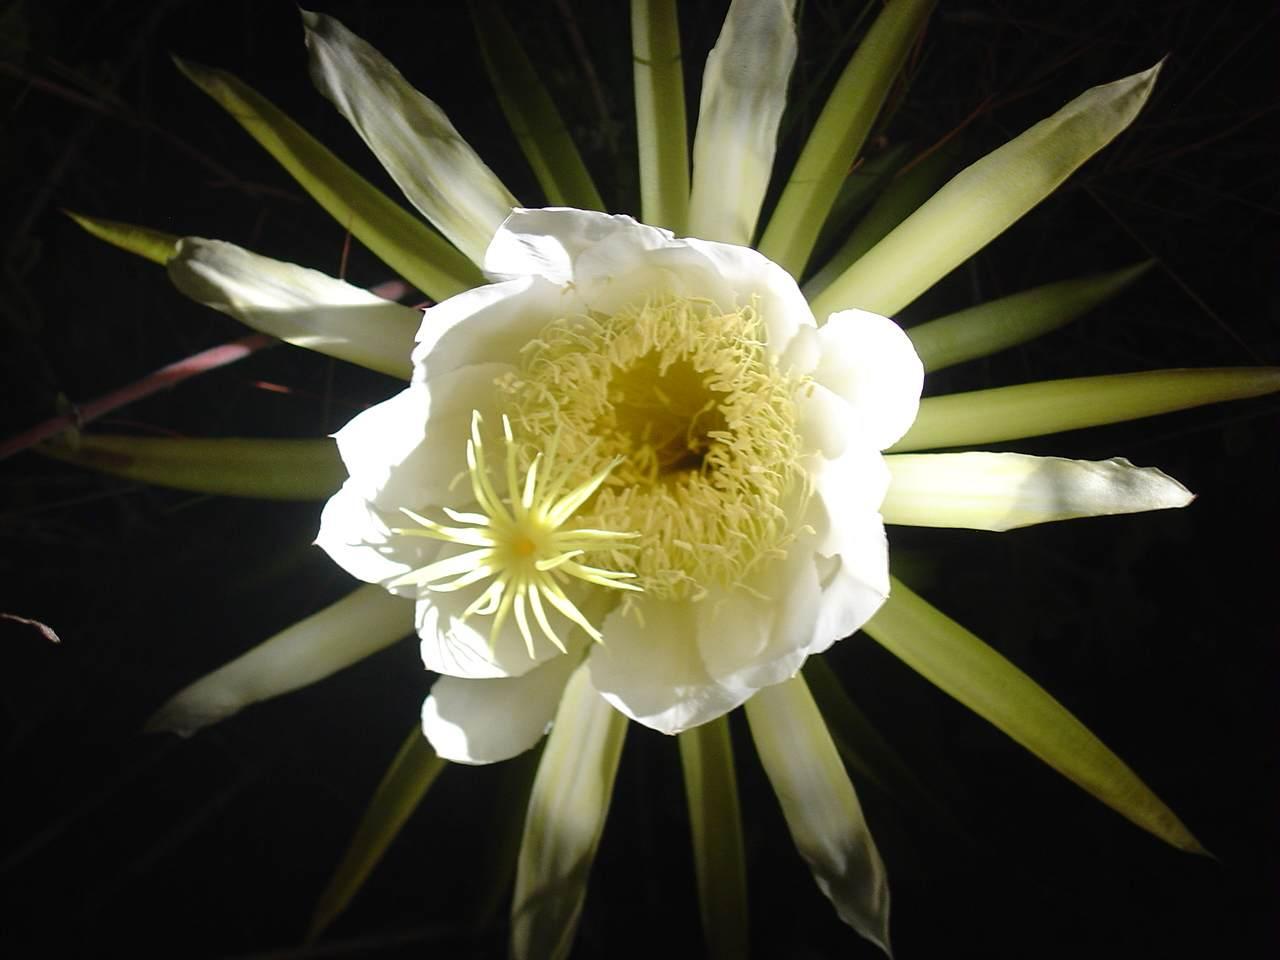 Piccola enciclopedia i fiori che sbocciano di notte for Fiori che sbocciano